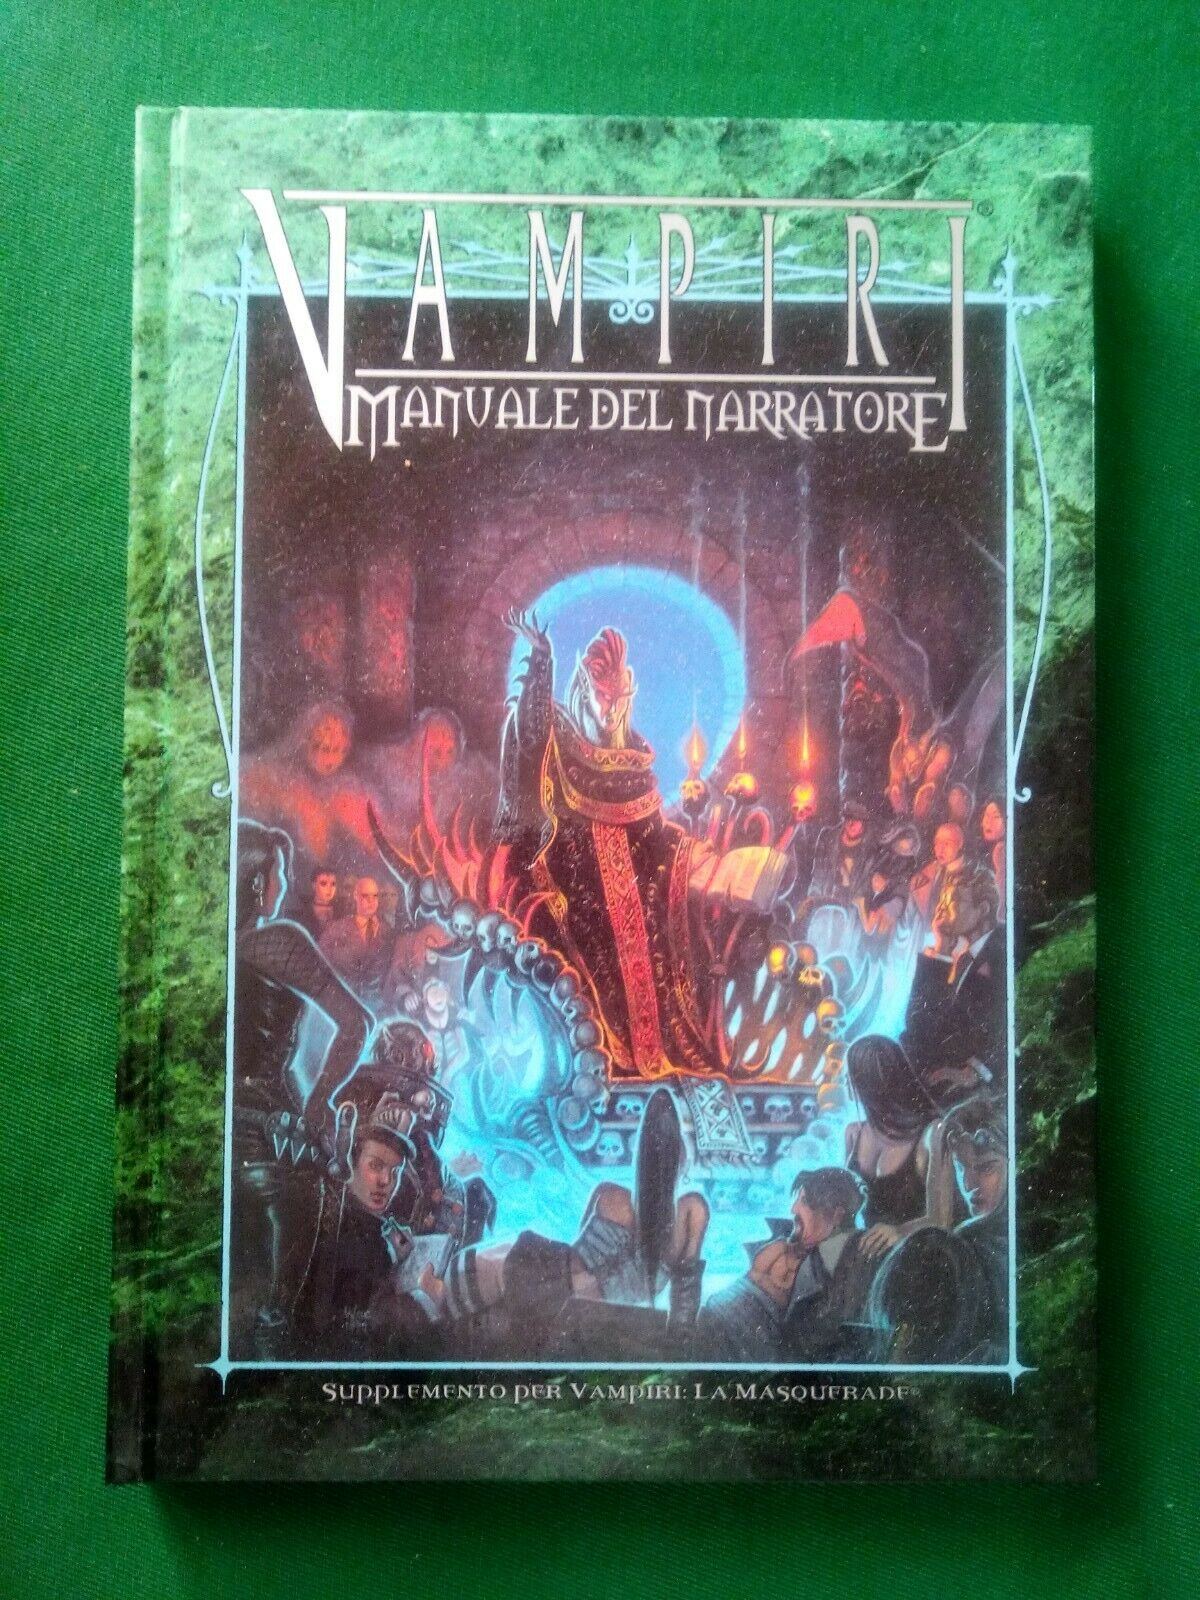 Vampiri  La Mascherare uomouale del Narratore 25 edizione  le migliori marche vendono a buon mercato